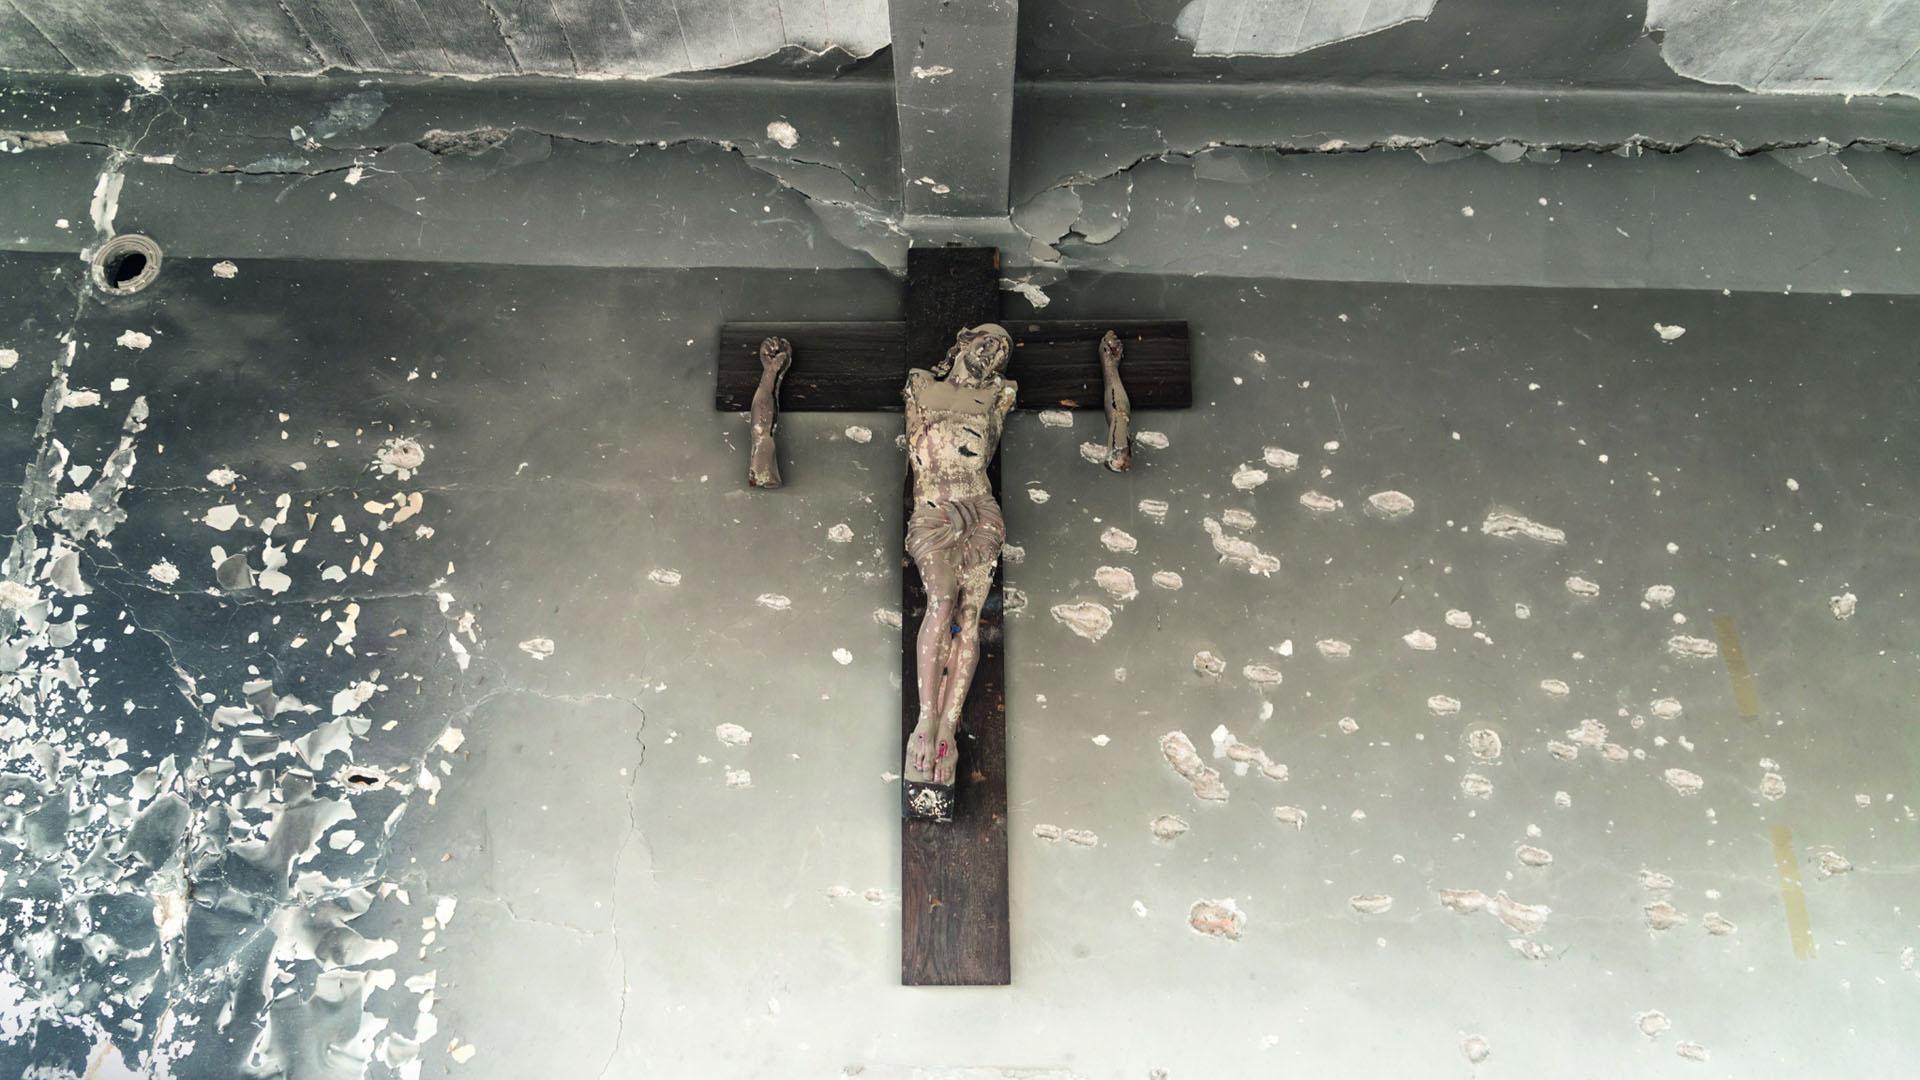 Jesus Christus und seine Anhänger sind in vielen Ländern der Erde Zielscheibe von Hass, Gewalt und Unterdrückung